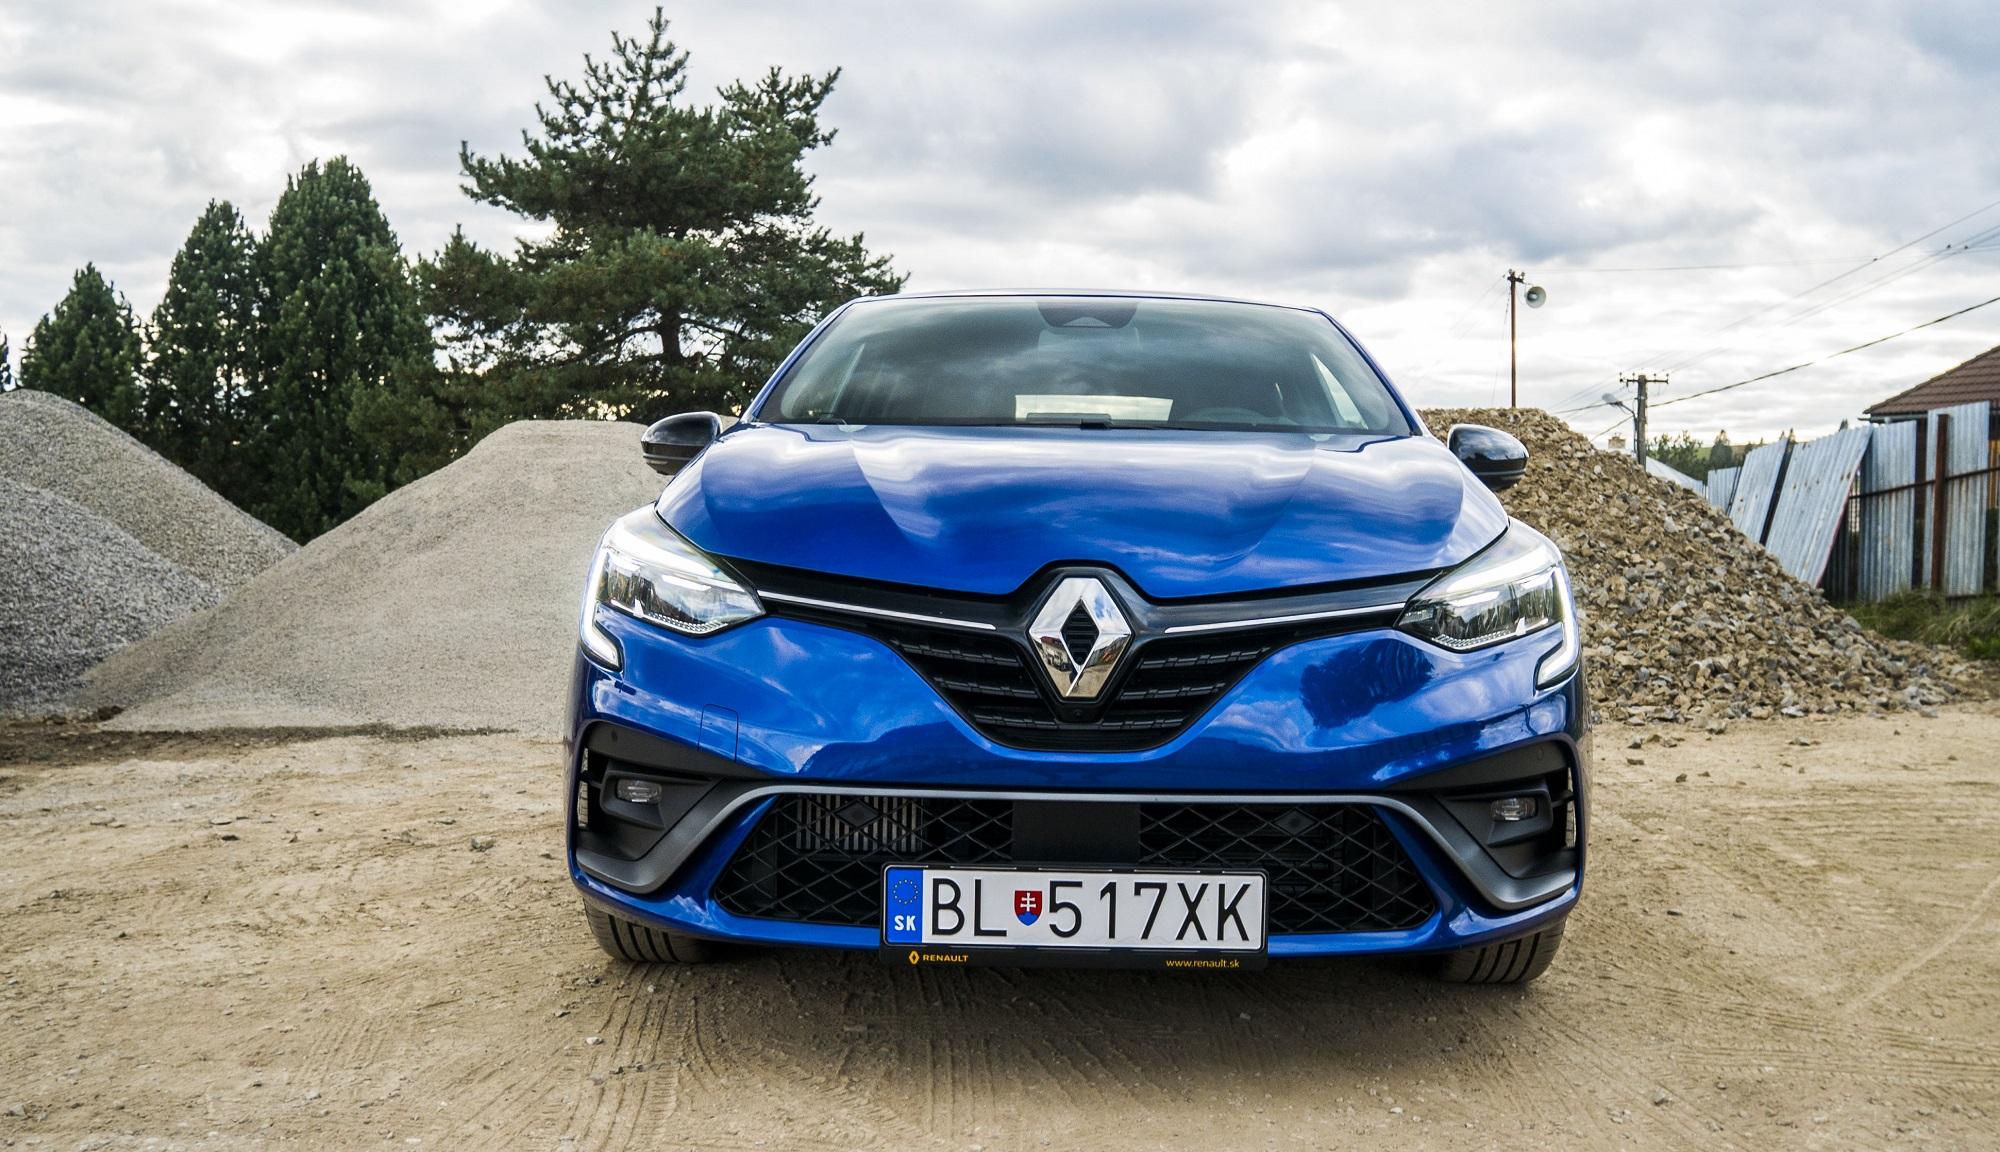 Francúzi kúpili v júni najviac áut a ťahajú Renault na čelo